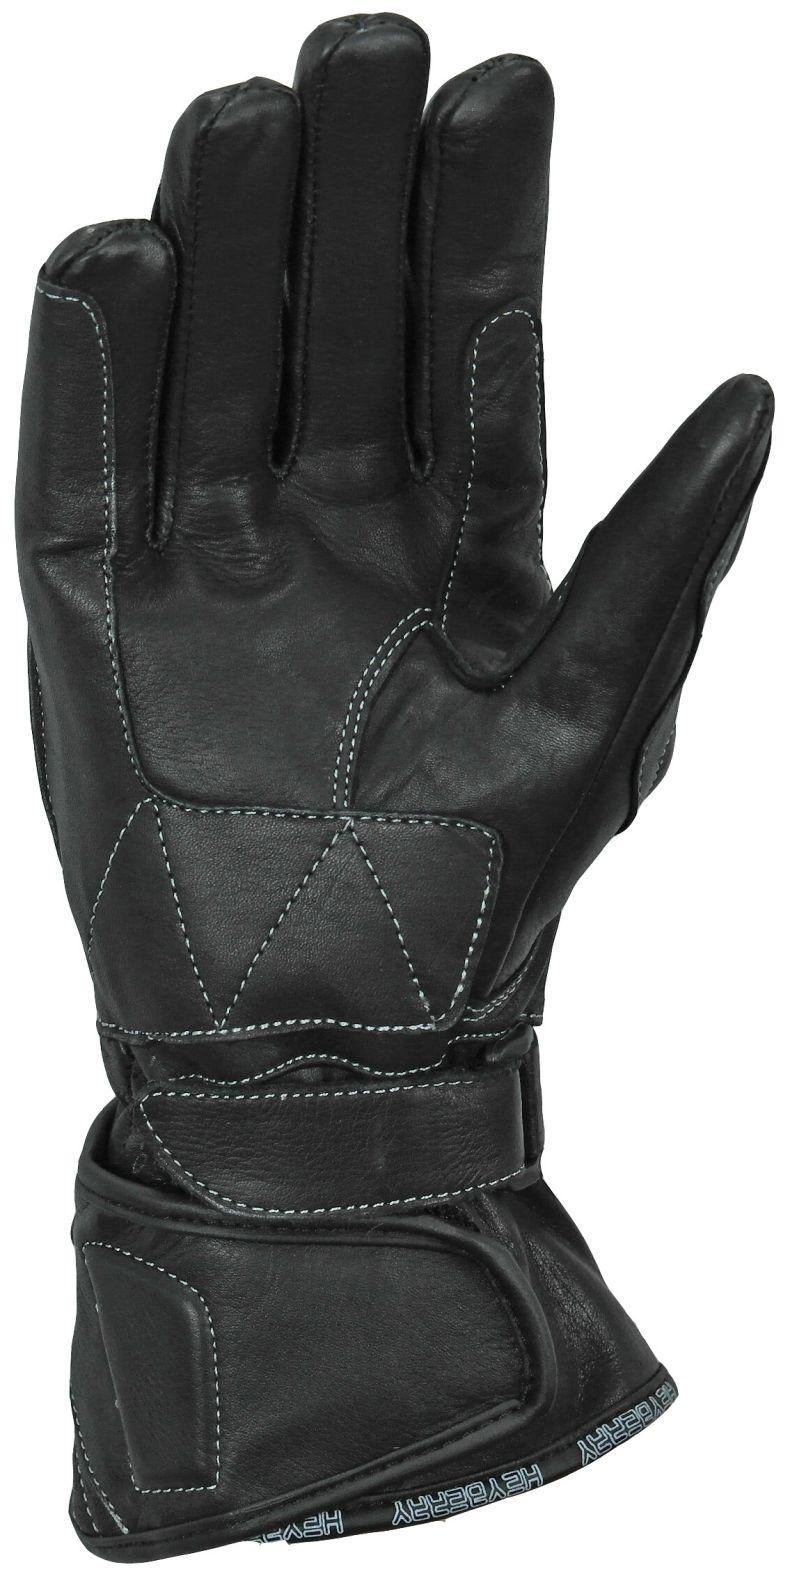 Heyberry Damen Motorradhandschuhe Leder Schwarz Gr. XS - XL